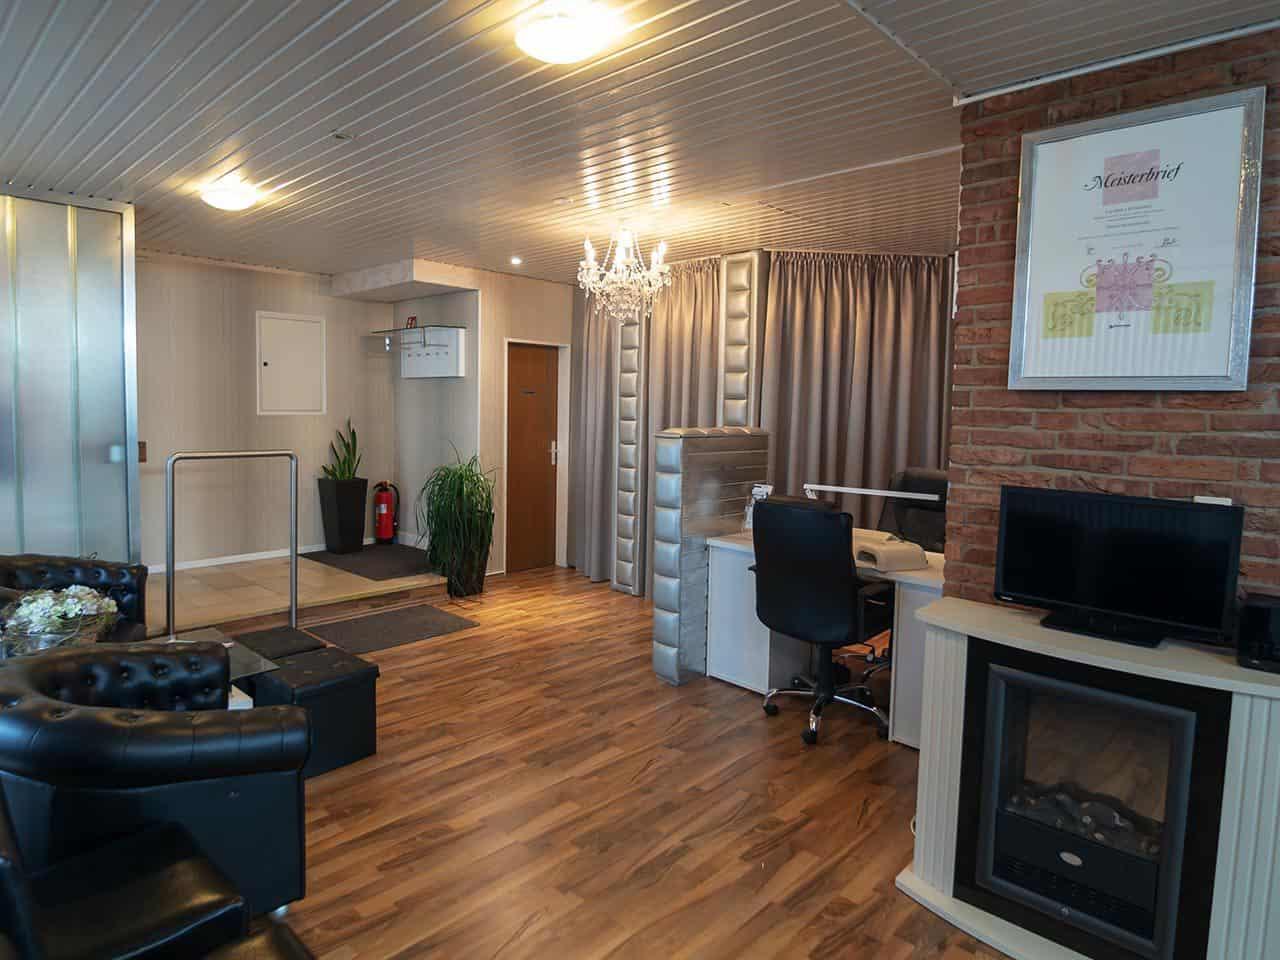 Haarstudio Barock Salon Eingangsbereich